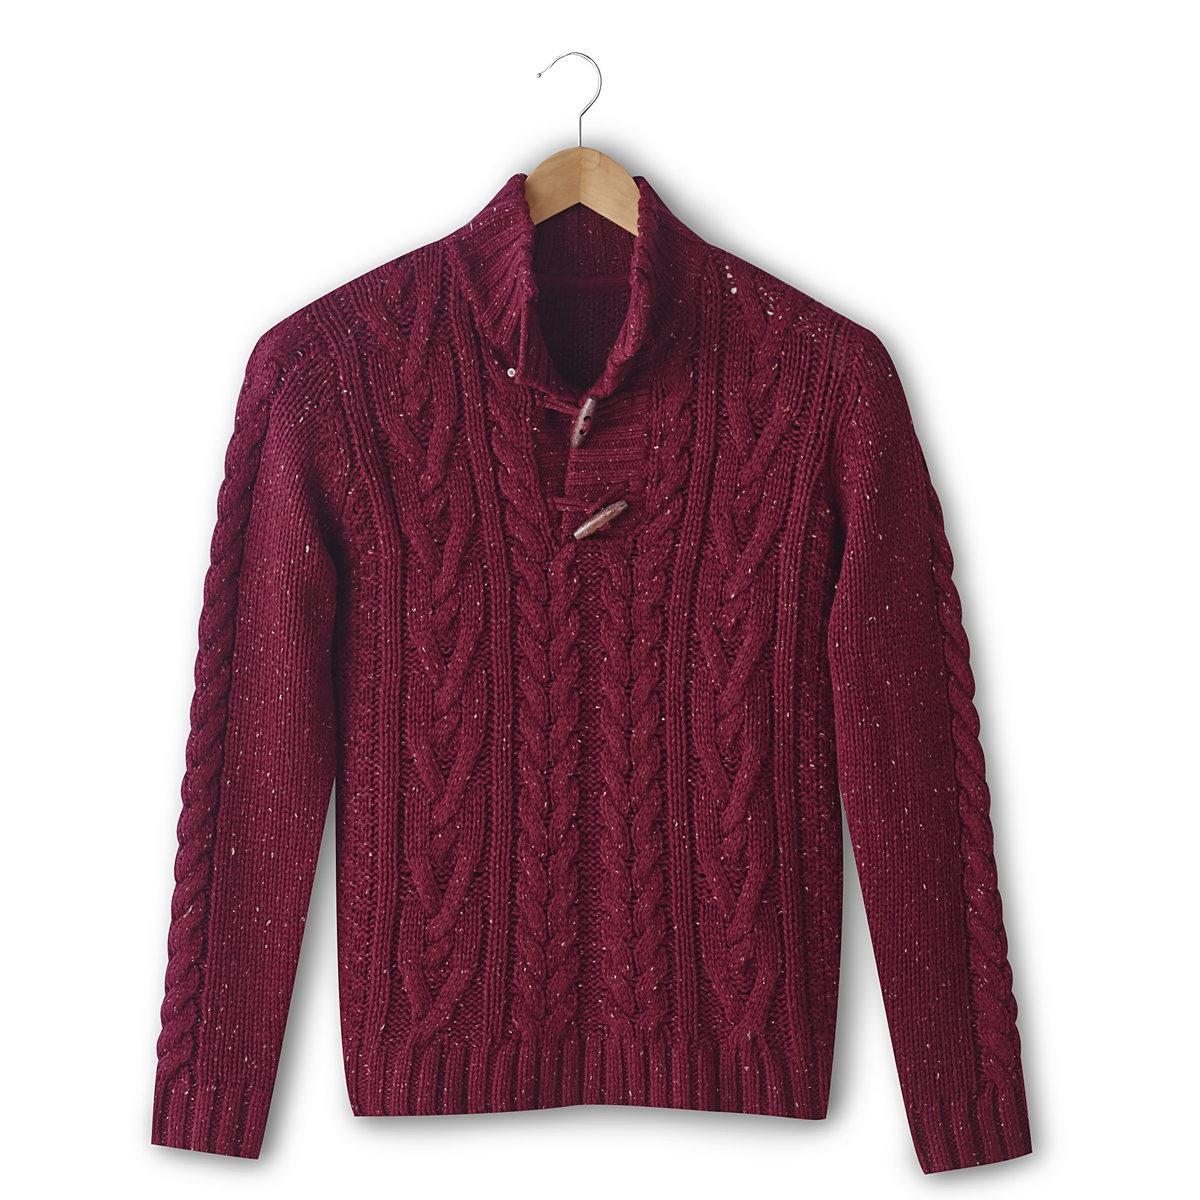 Пуловер с узором косы и высоким воротникомПуловер с узором косы, 85% акрила, 15% шерсти. Высокий воротник. Застежка на фигурные пуговицы. Длина 67 см.<br><br>Цвет: бордовый<br>Размер: XL